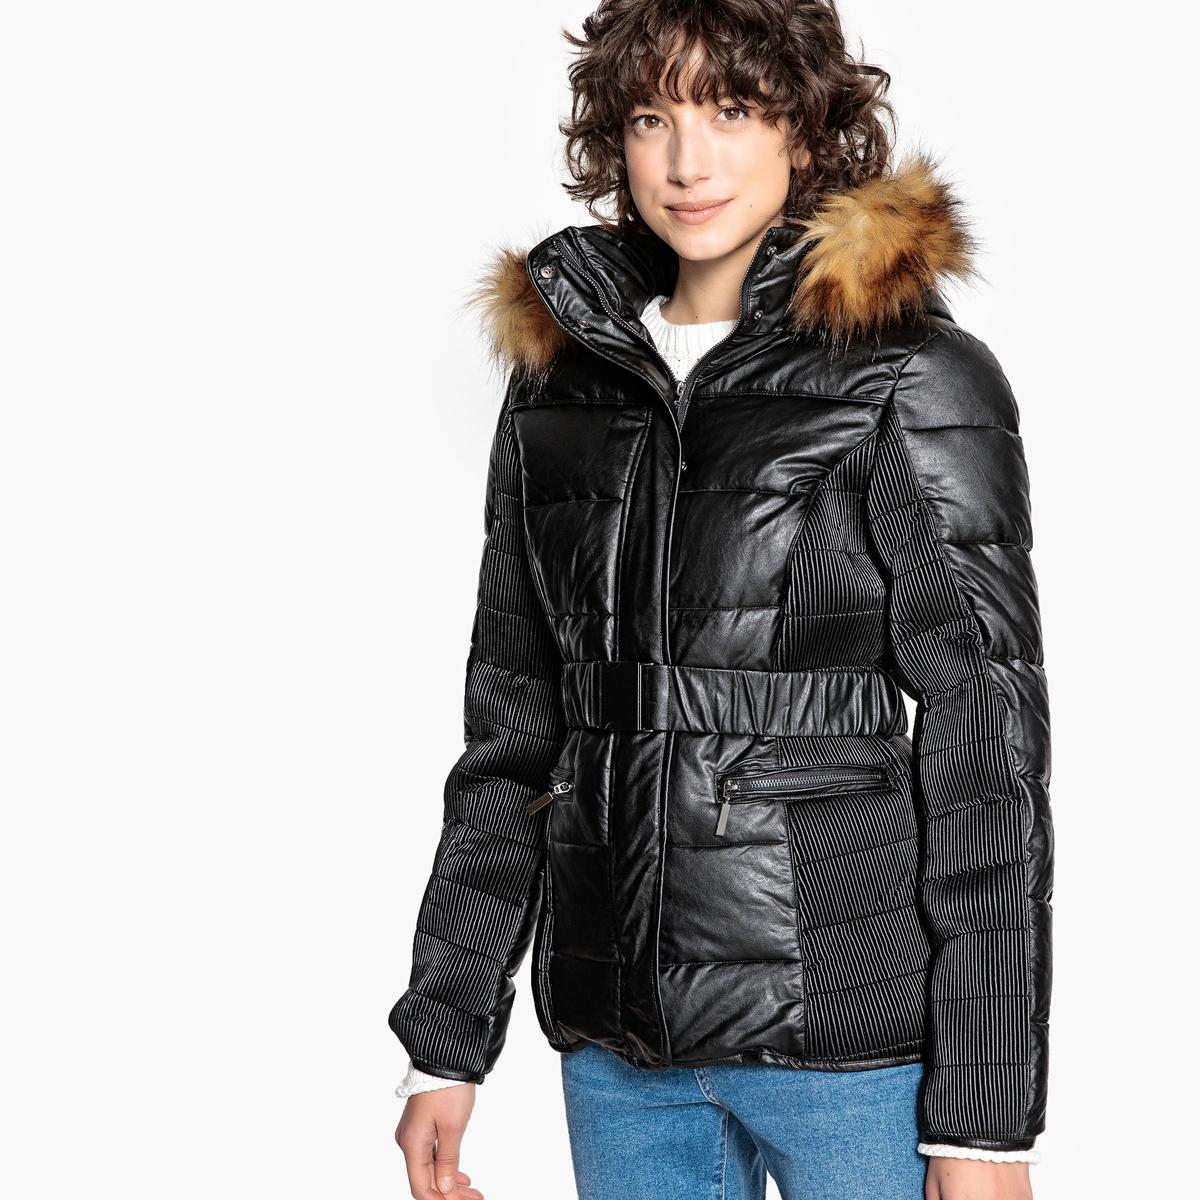 Куртка La Redoute Из искусственной кожи с капюшоном из искусственного меха 34 (FR) - 40 (RUS) черный блузон la redoute с надписью из искусственной кожи 34 fr 40 rus черный